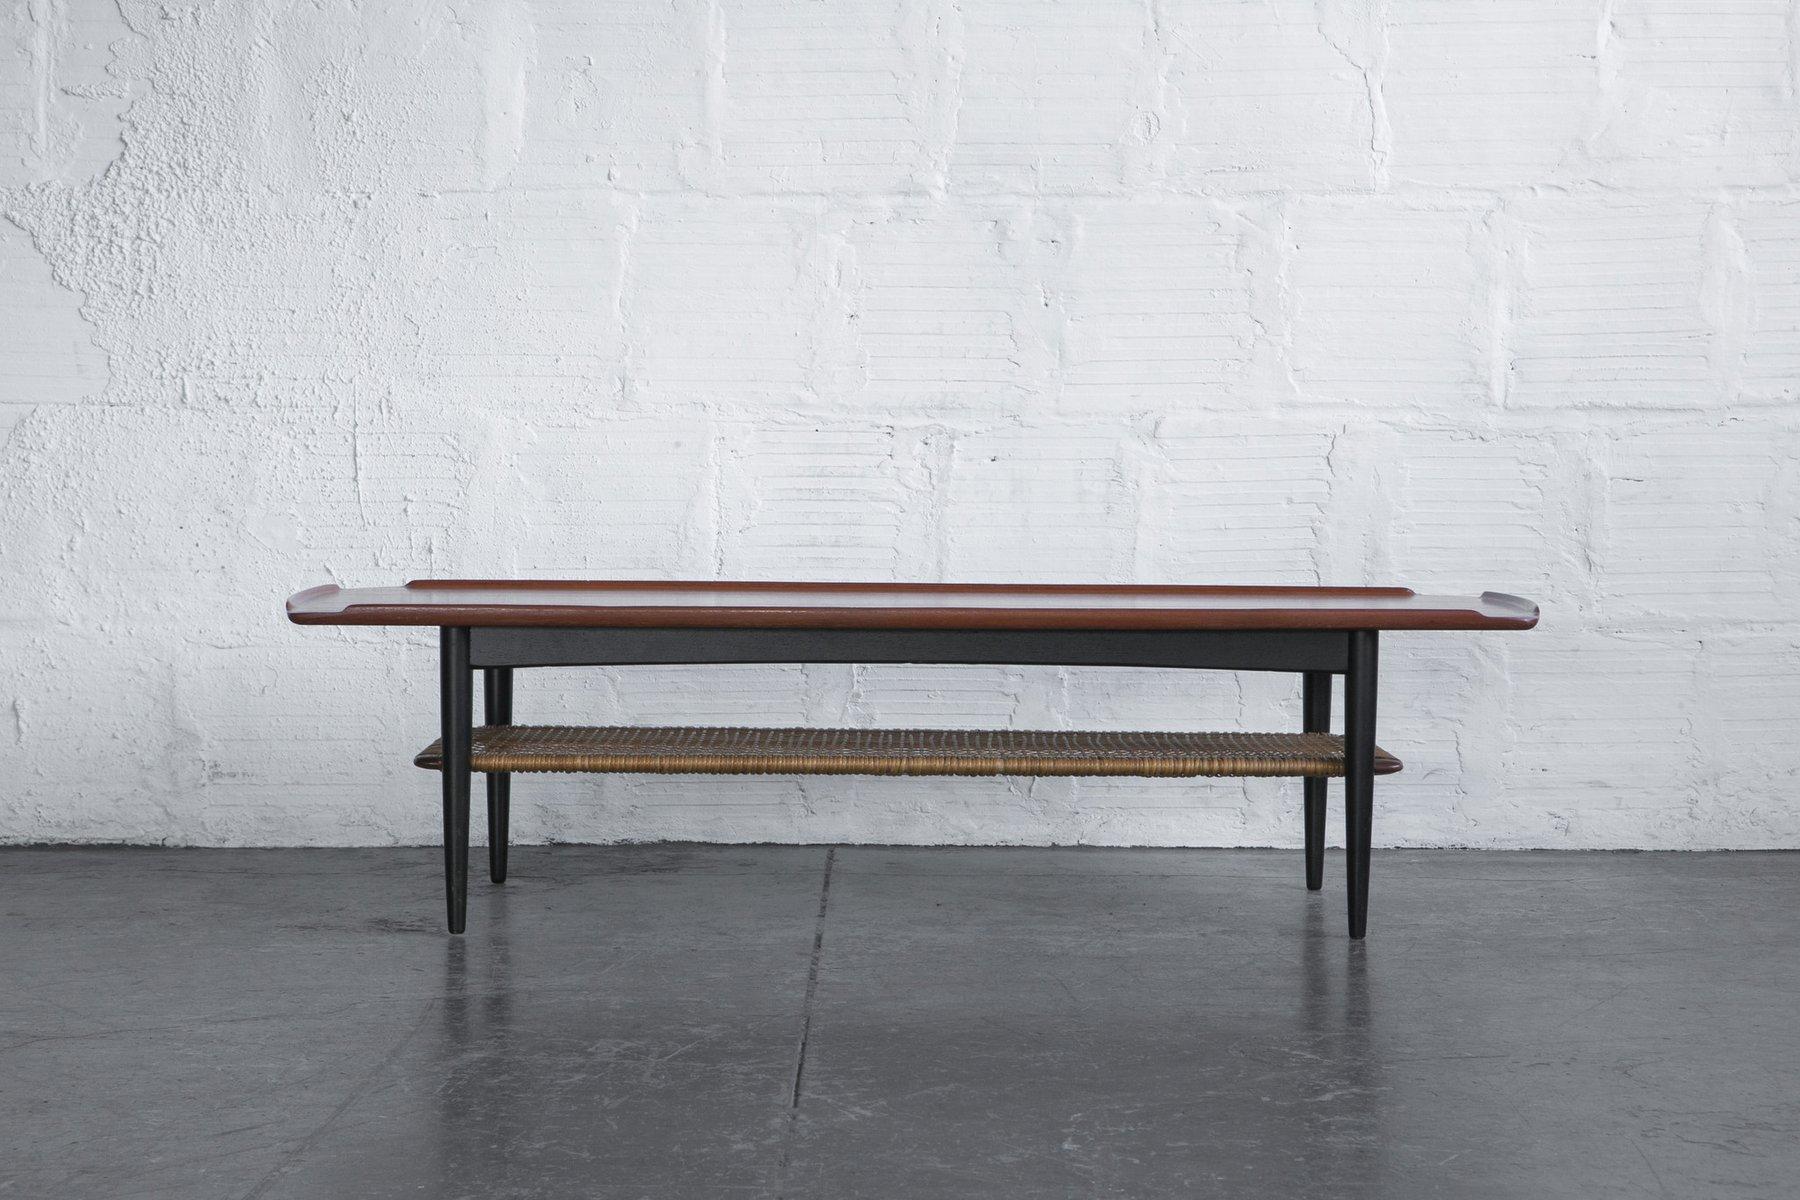 schwedischer rattan couchtisch 1960er bei pamono kaufen. Black Bedroom Furniture Sets. Home Design Ideas